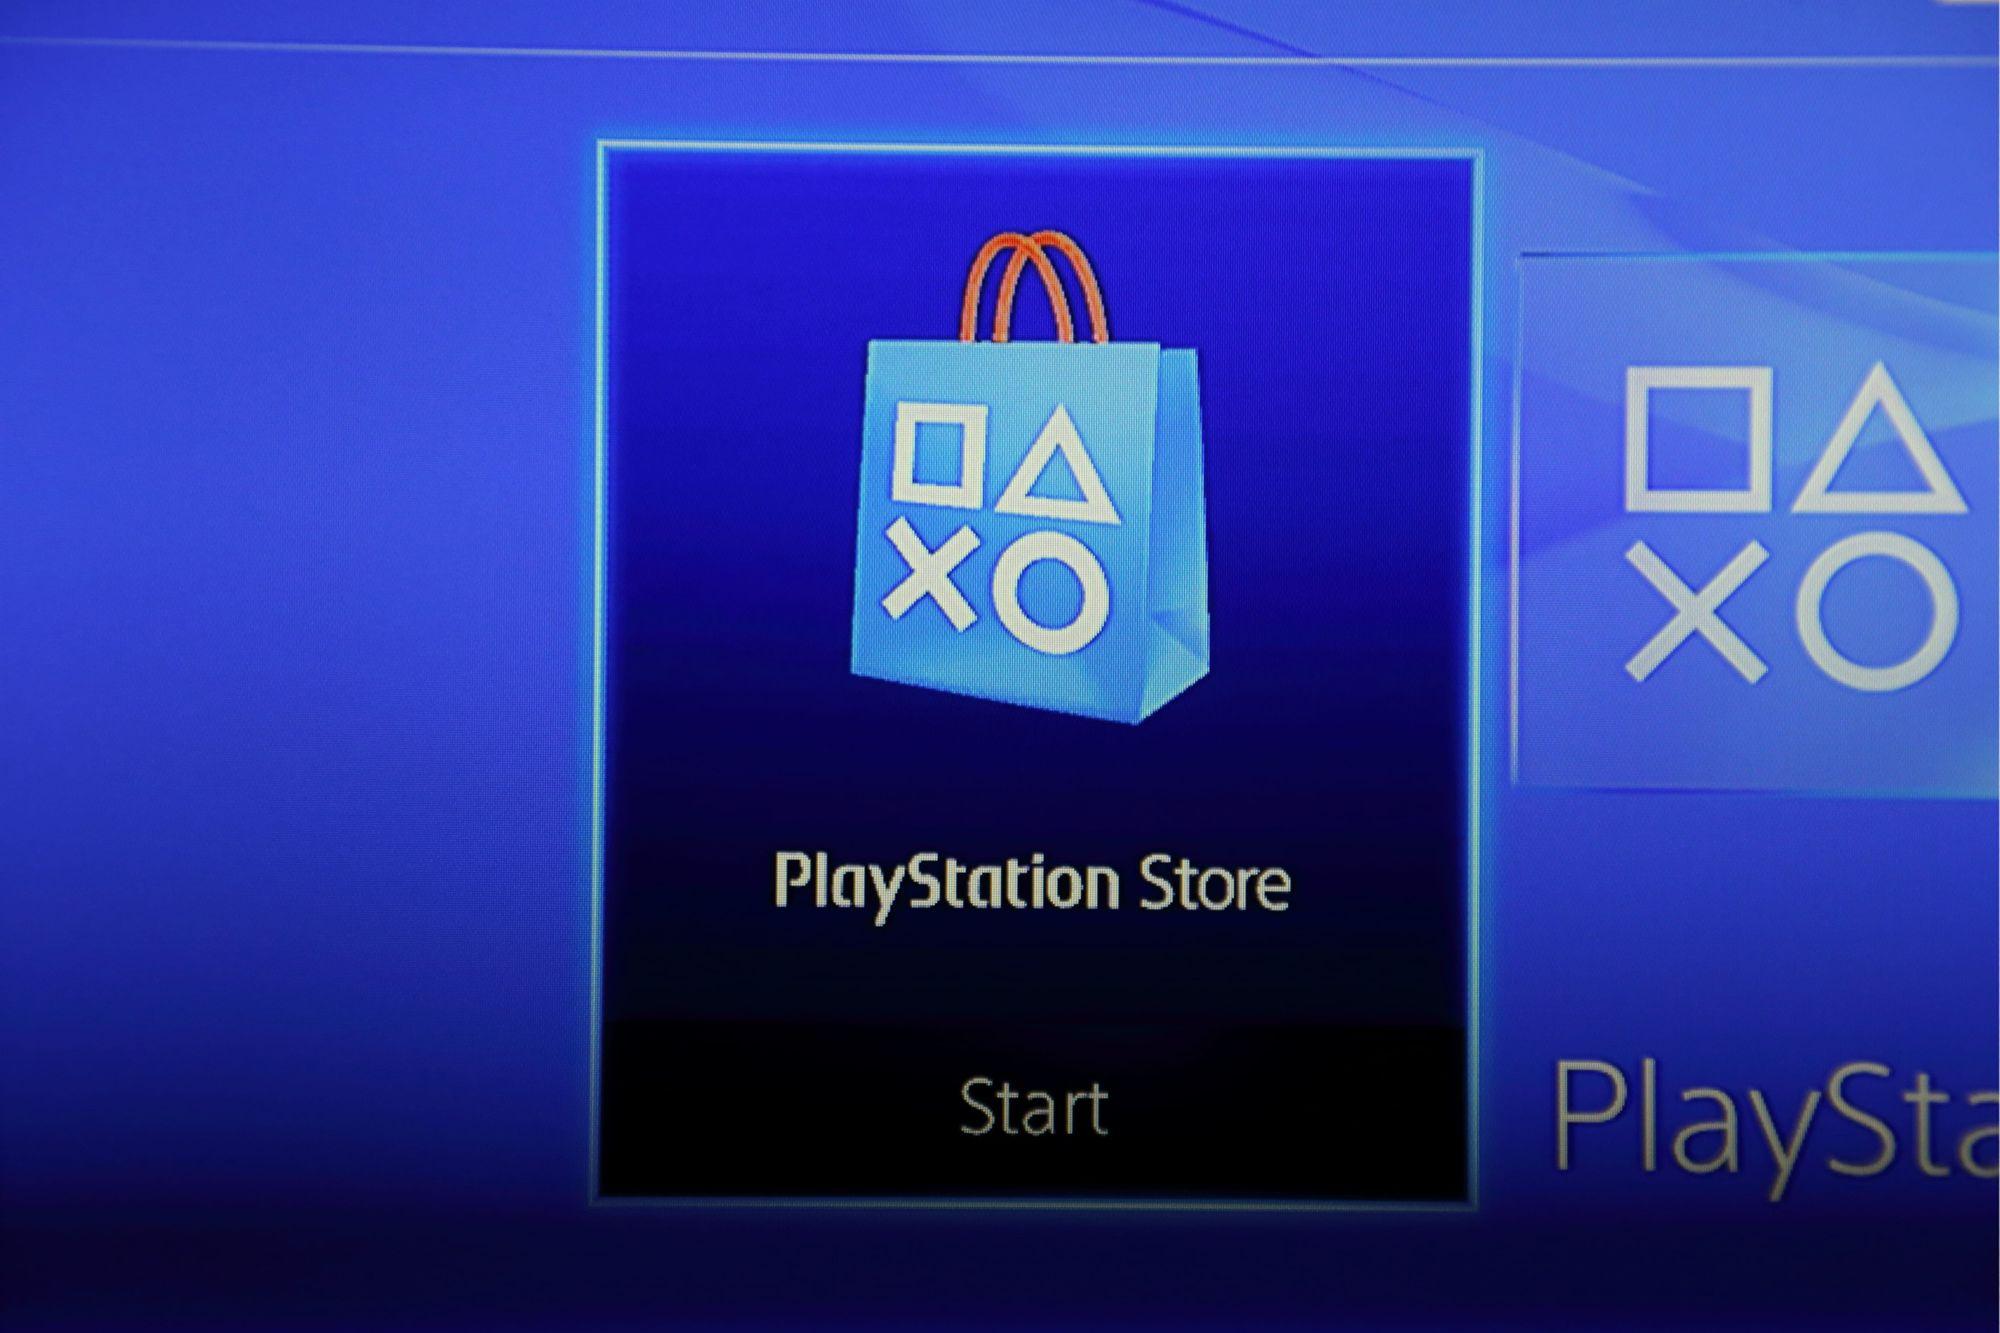 Também é possível baixar aplicativos na Playstation Store (Foto: Reprodução/Shutterstock)